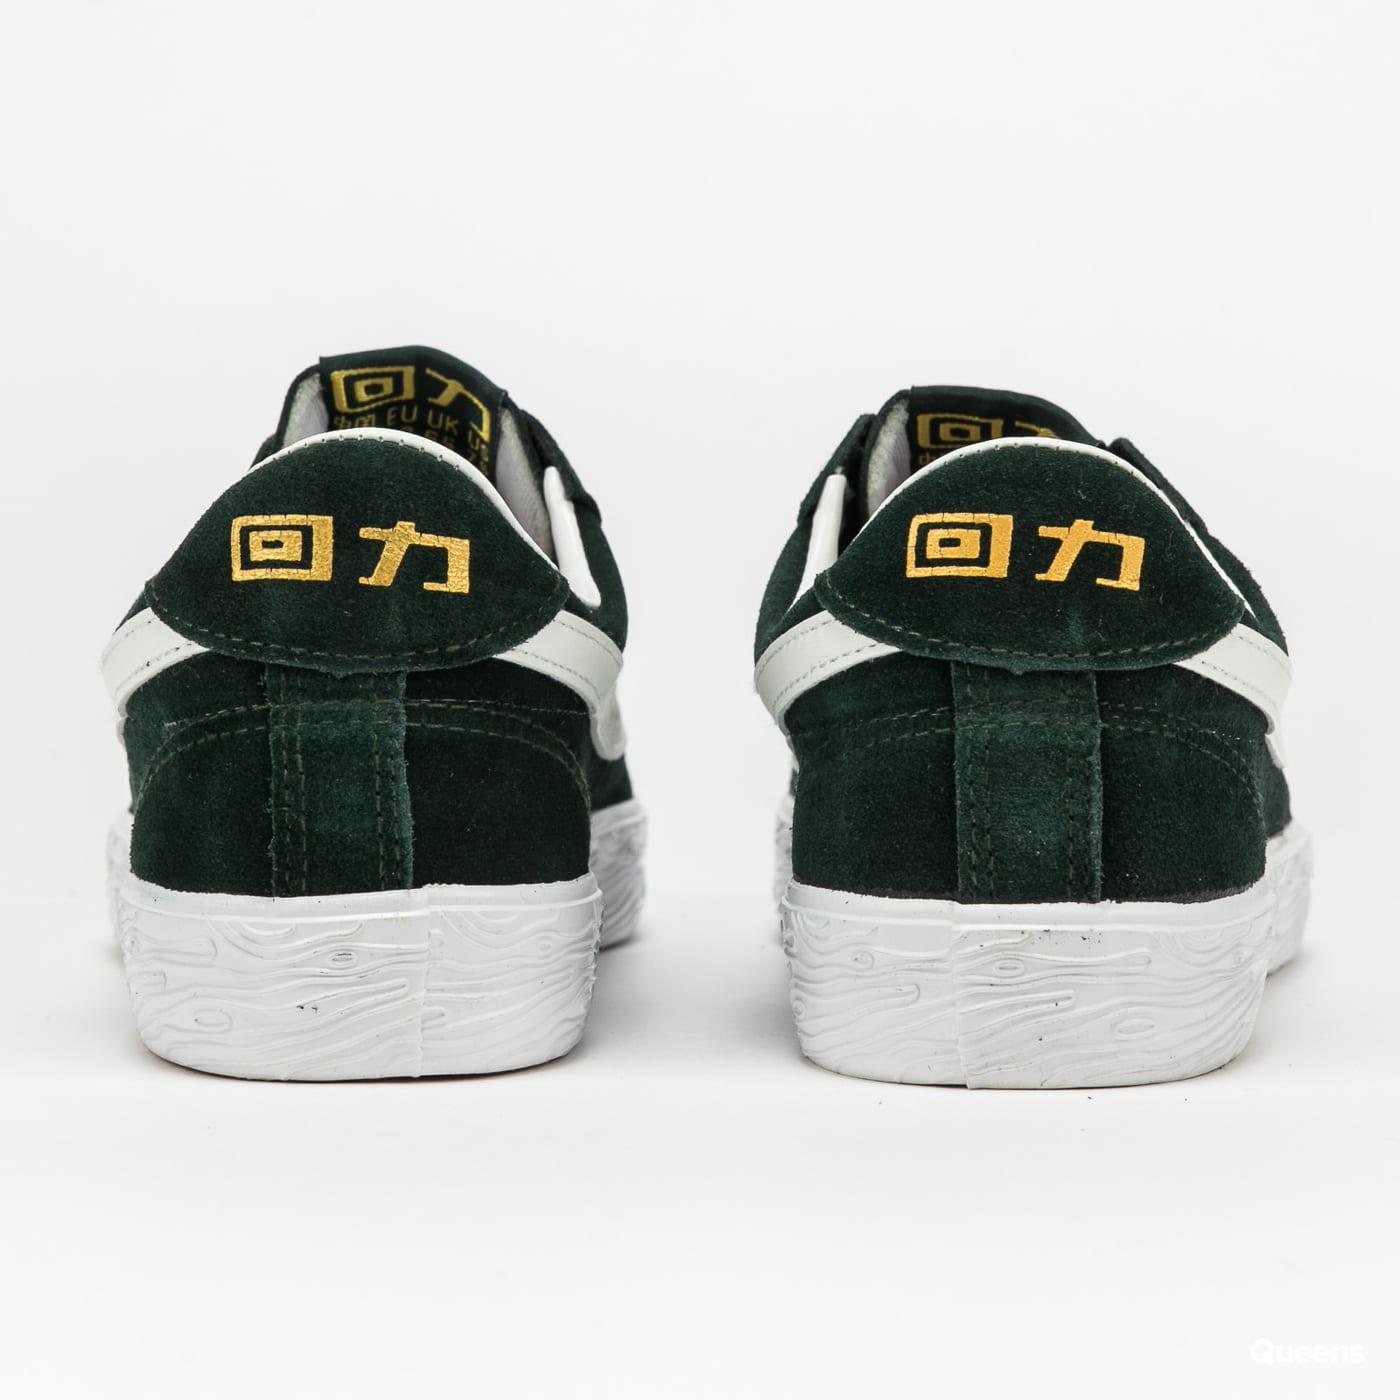 Warrior Shanghai Dime green / white